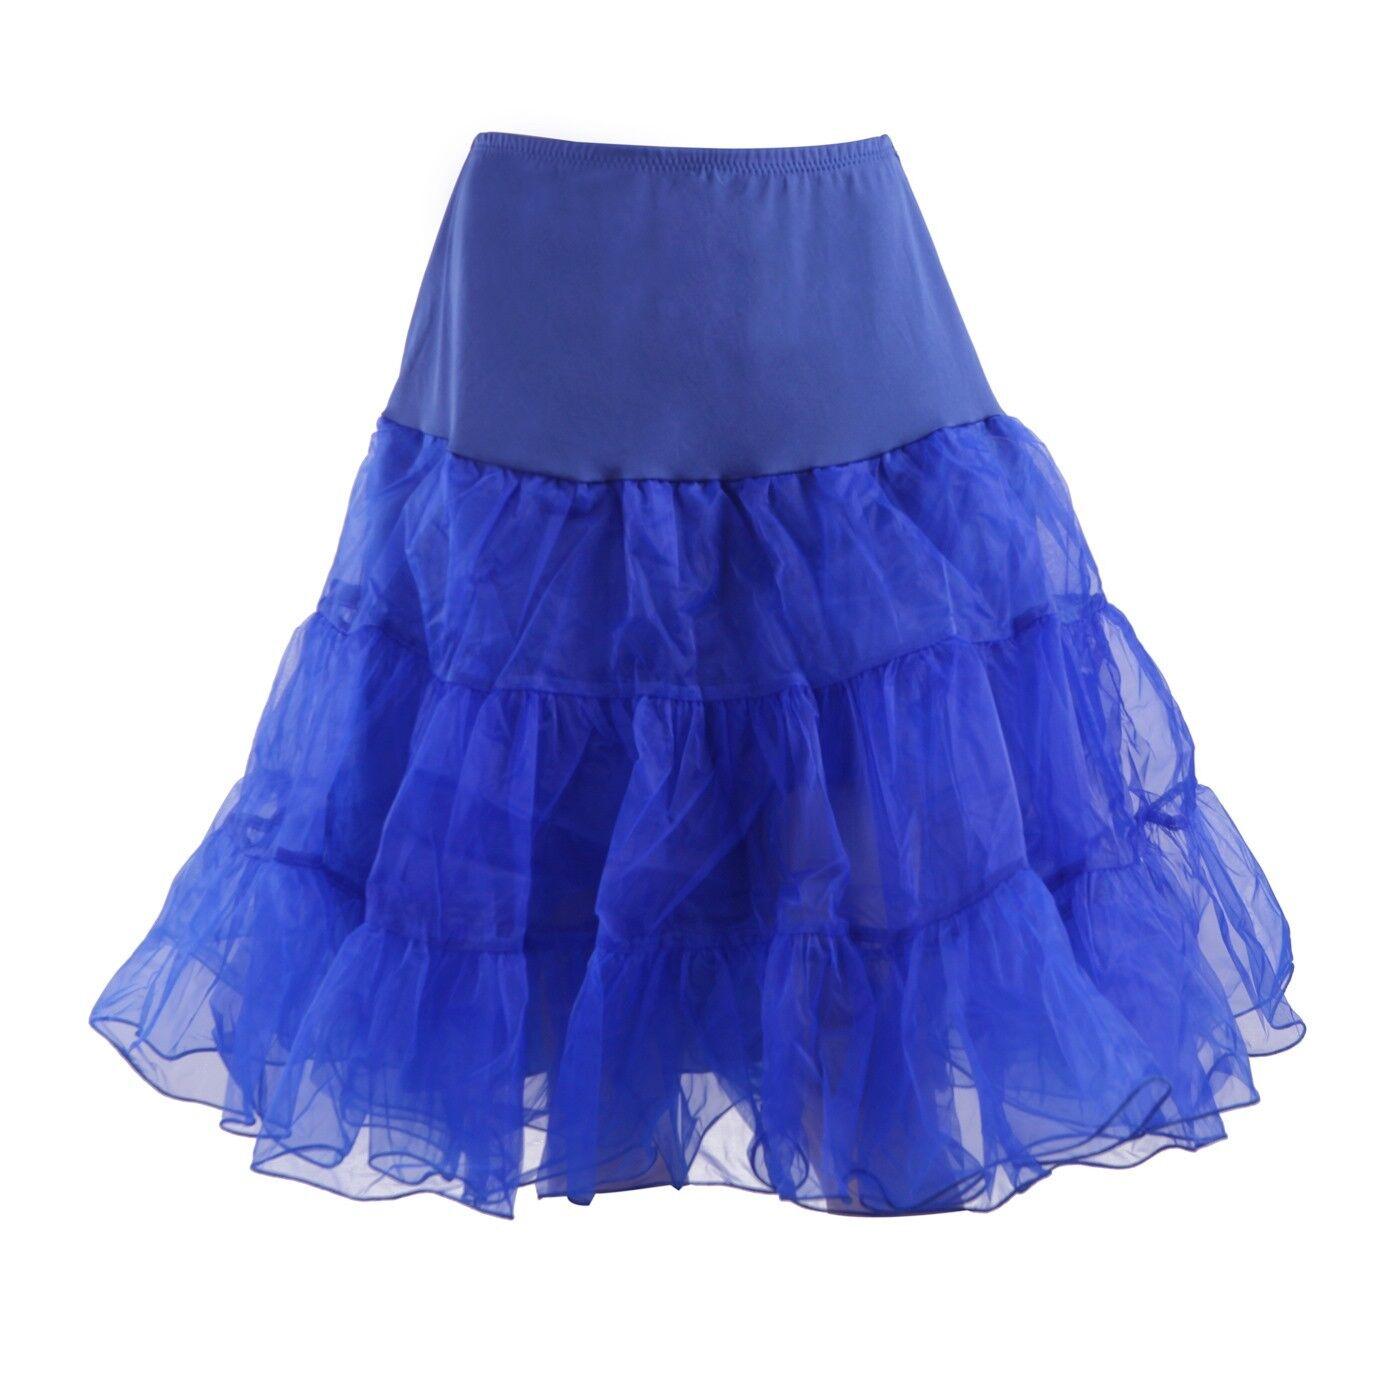 a314cb686ff HDE-49680 HDE Womens Plus SZ Petticoat Vintage Swing Dress Underskirt Tutu